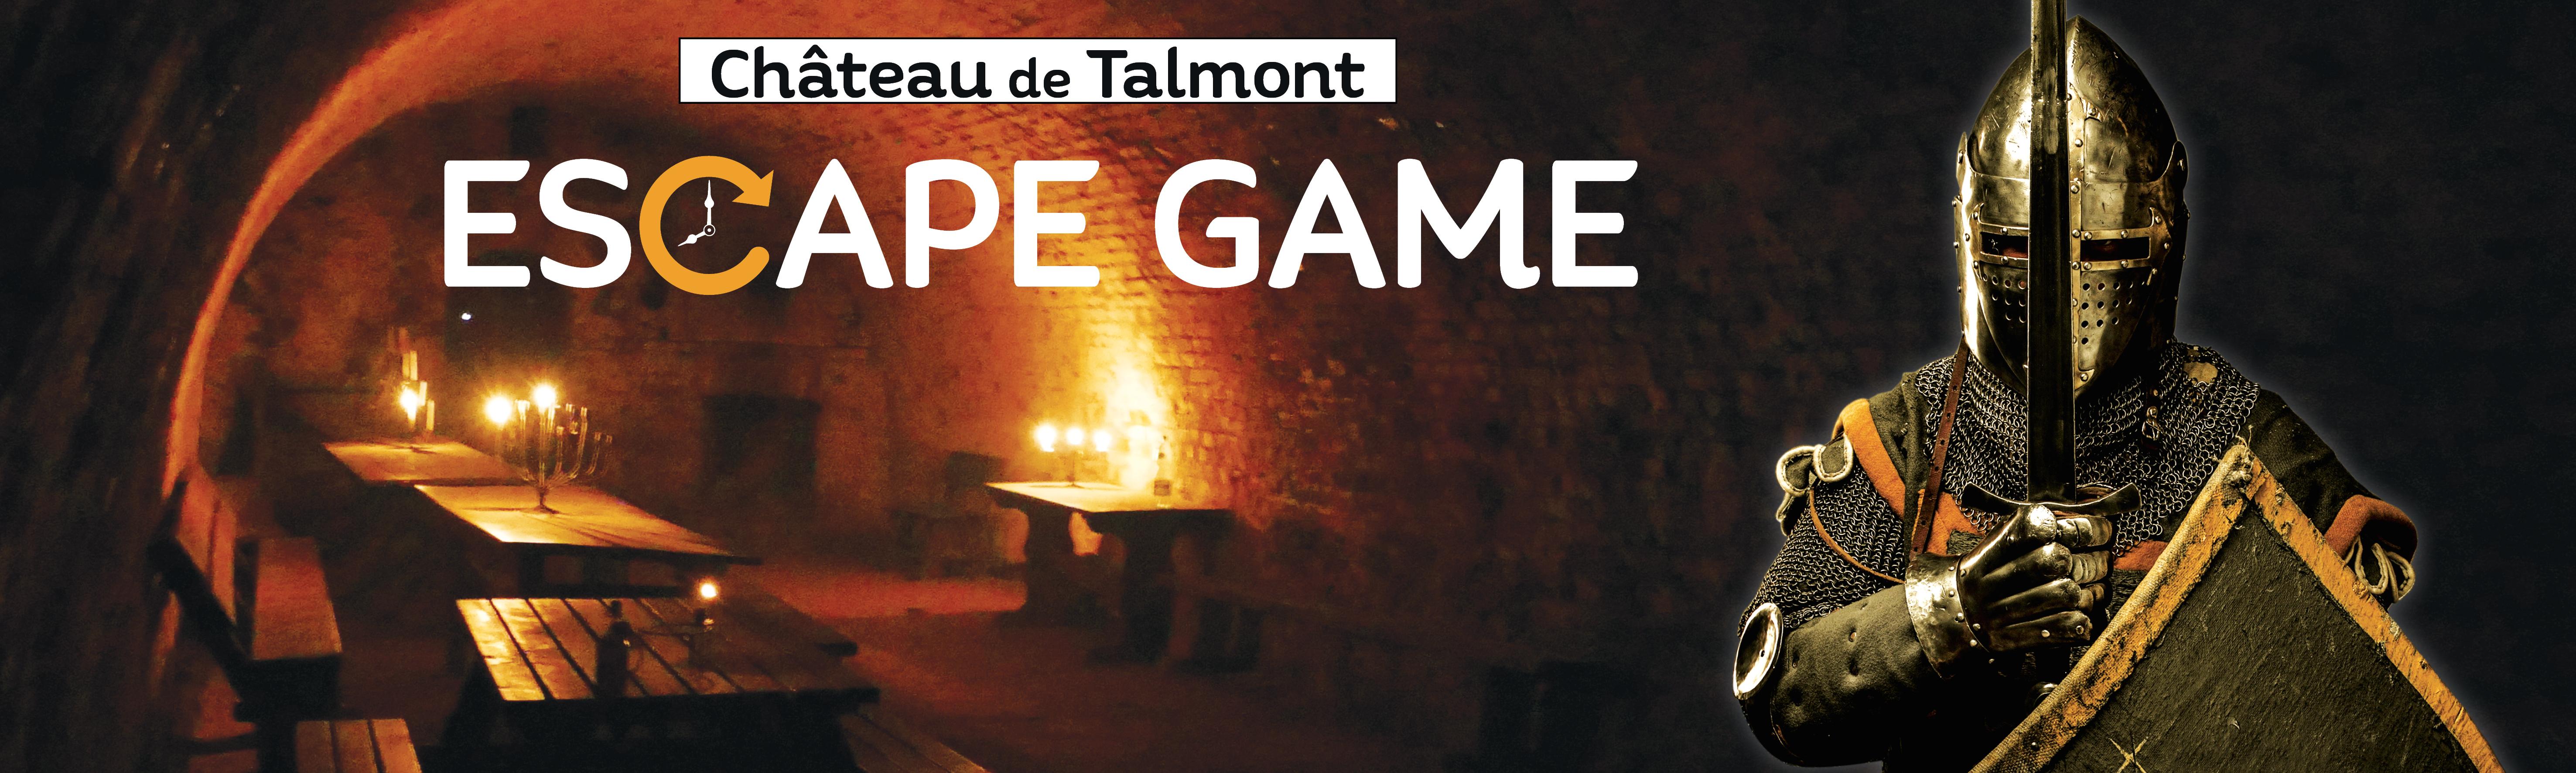 Echappez Vous Du Chateau Talmont Saint Hilaire